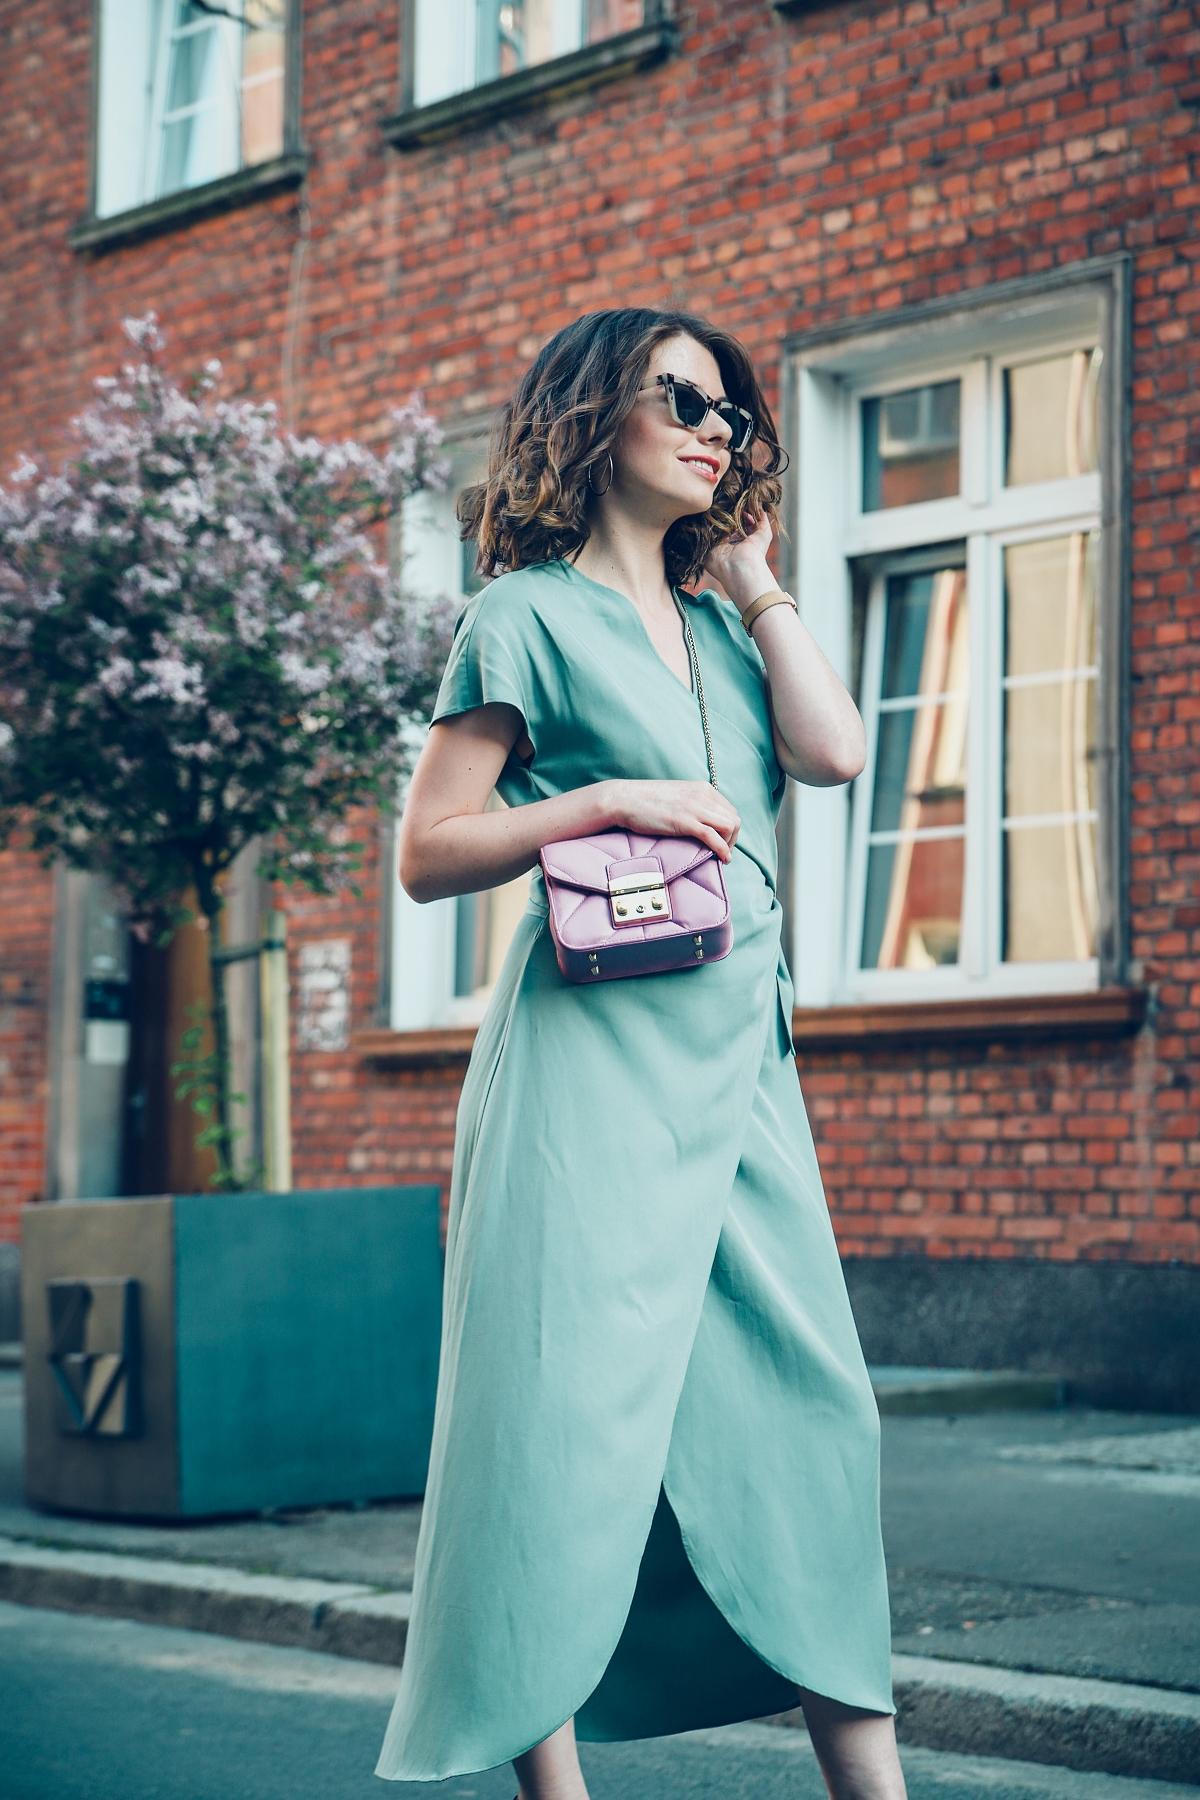 sukienka-na-wesele-mieta-i-kolor-lawendowy-blog-modowy-4